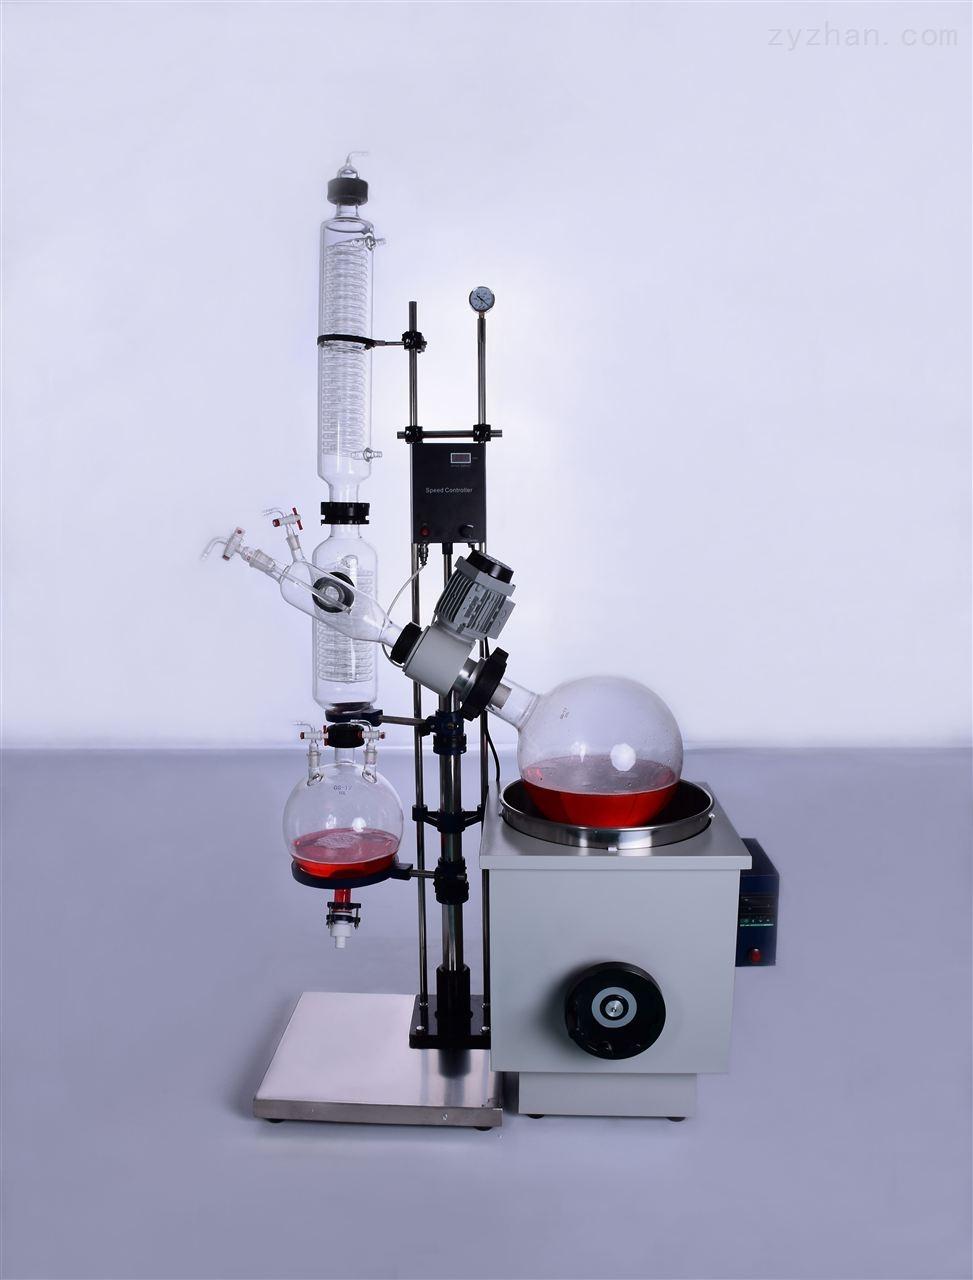 RE-5003型旋转蒸发器